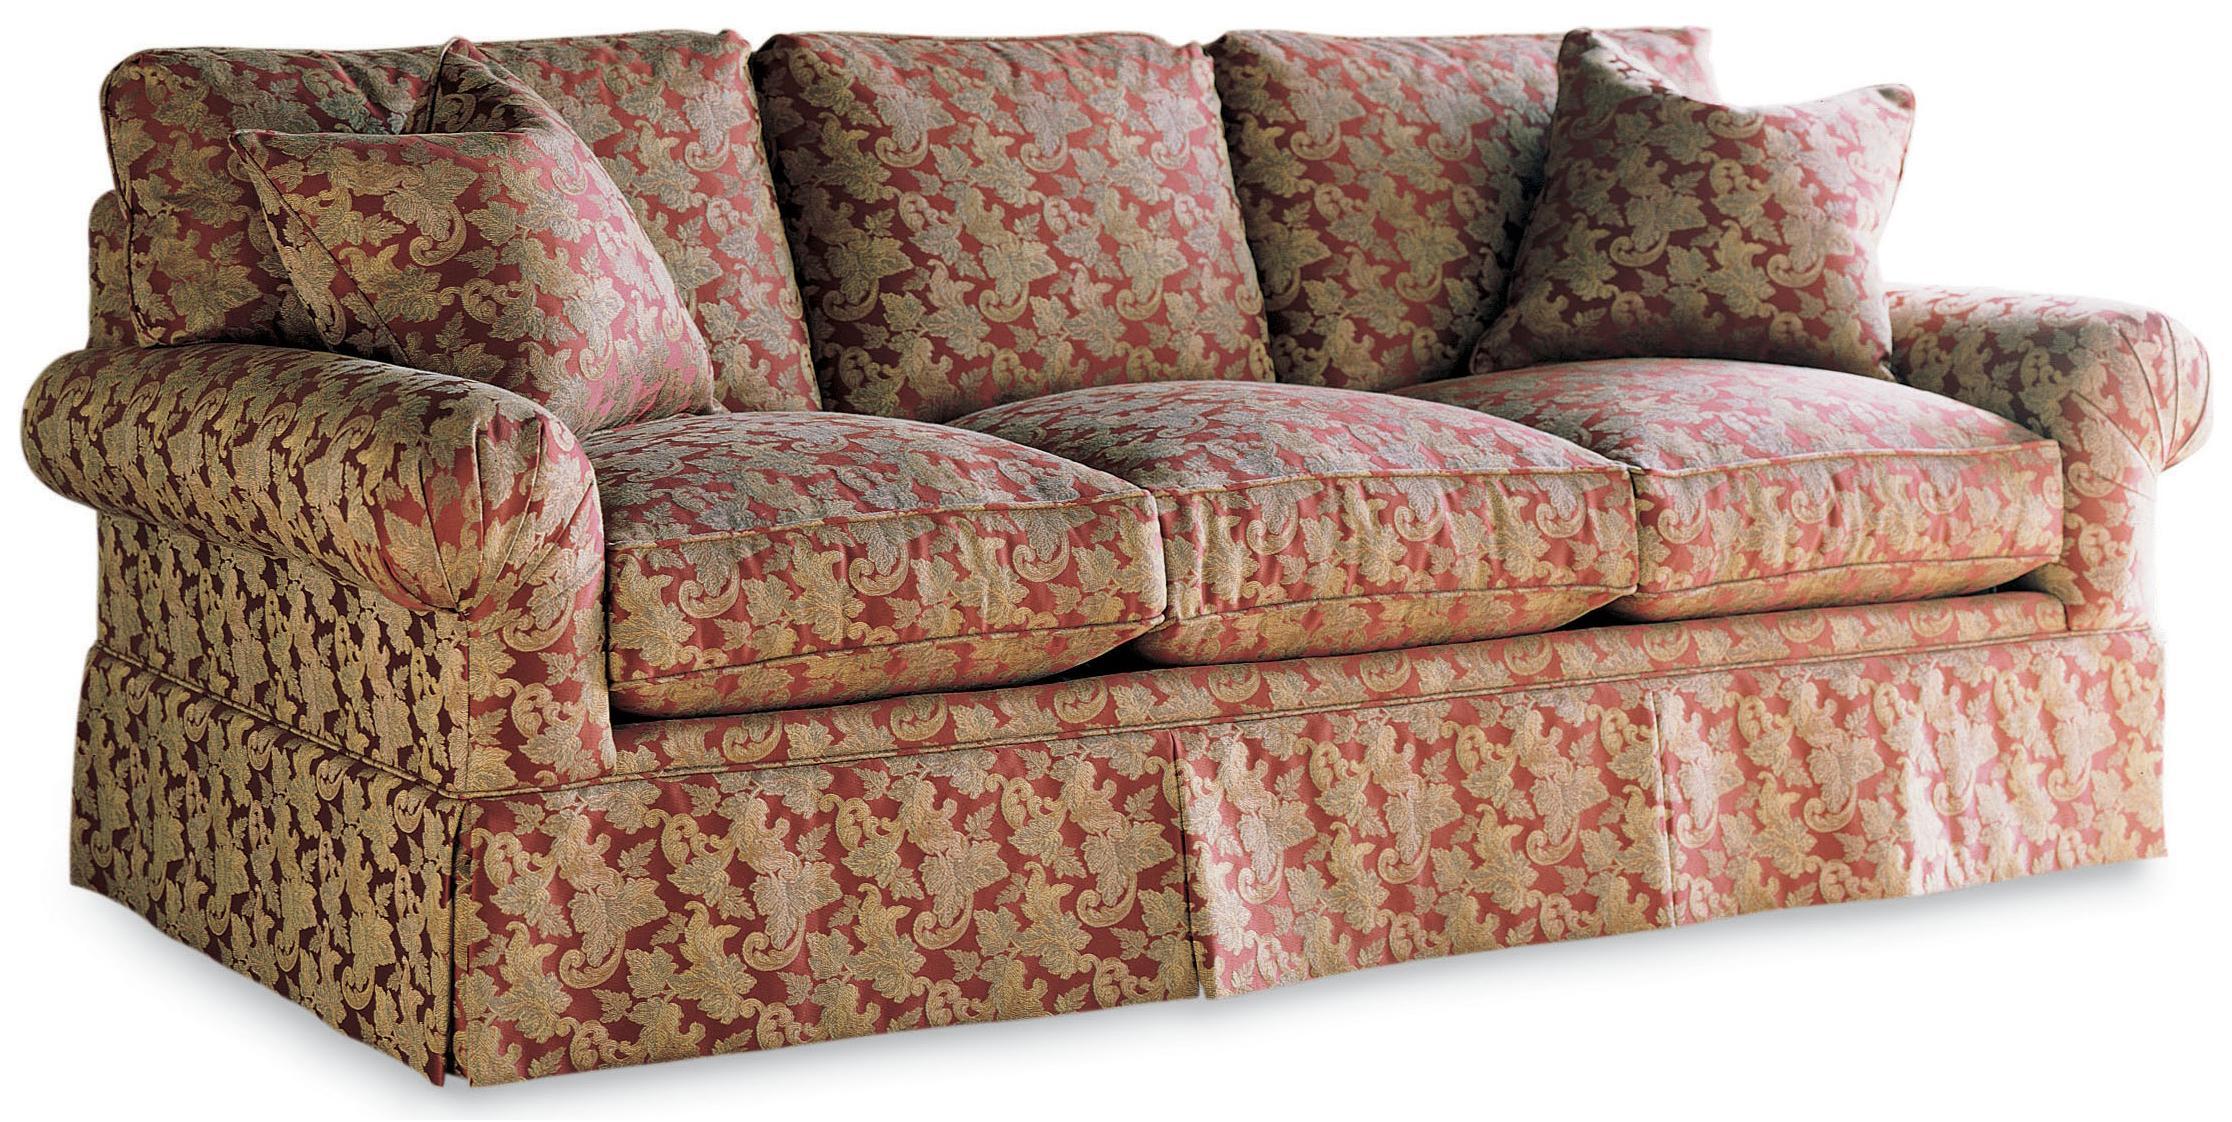 Drexel Drexel Heritage Upholstery Natalie Sofa W/ Skirt